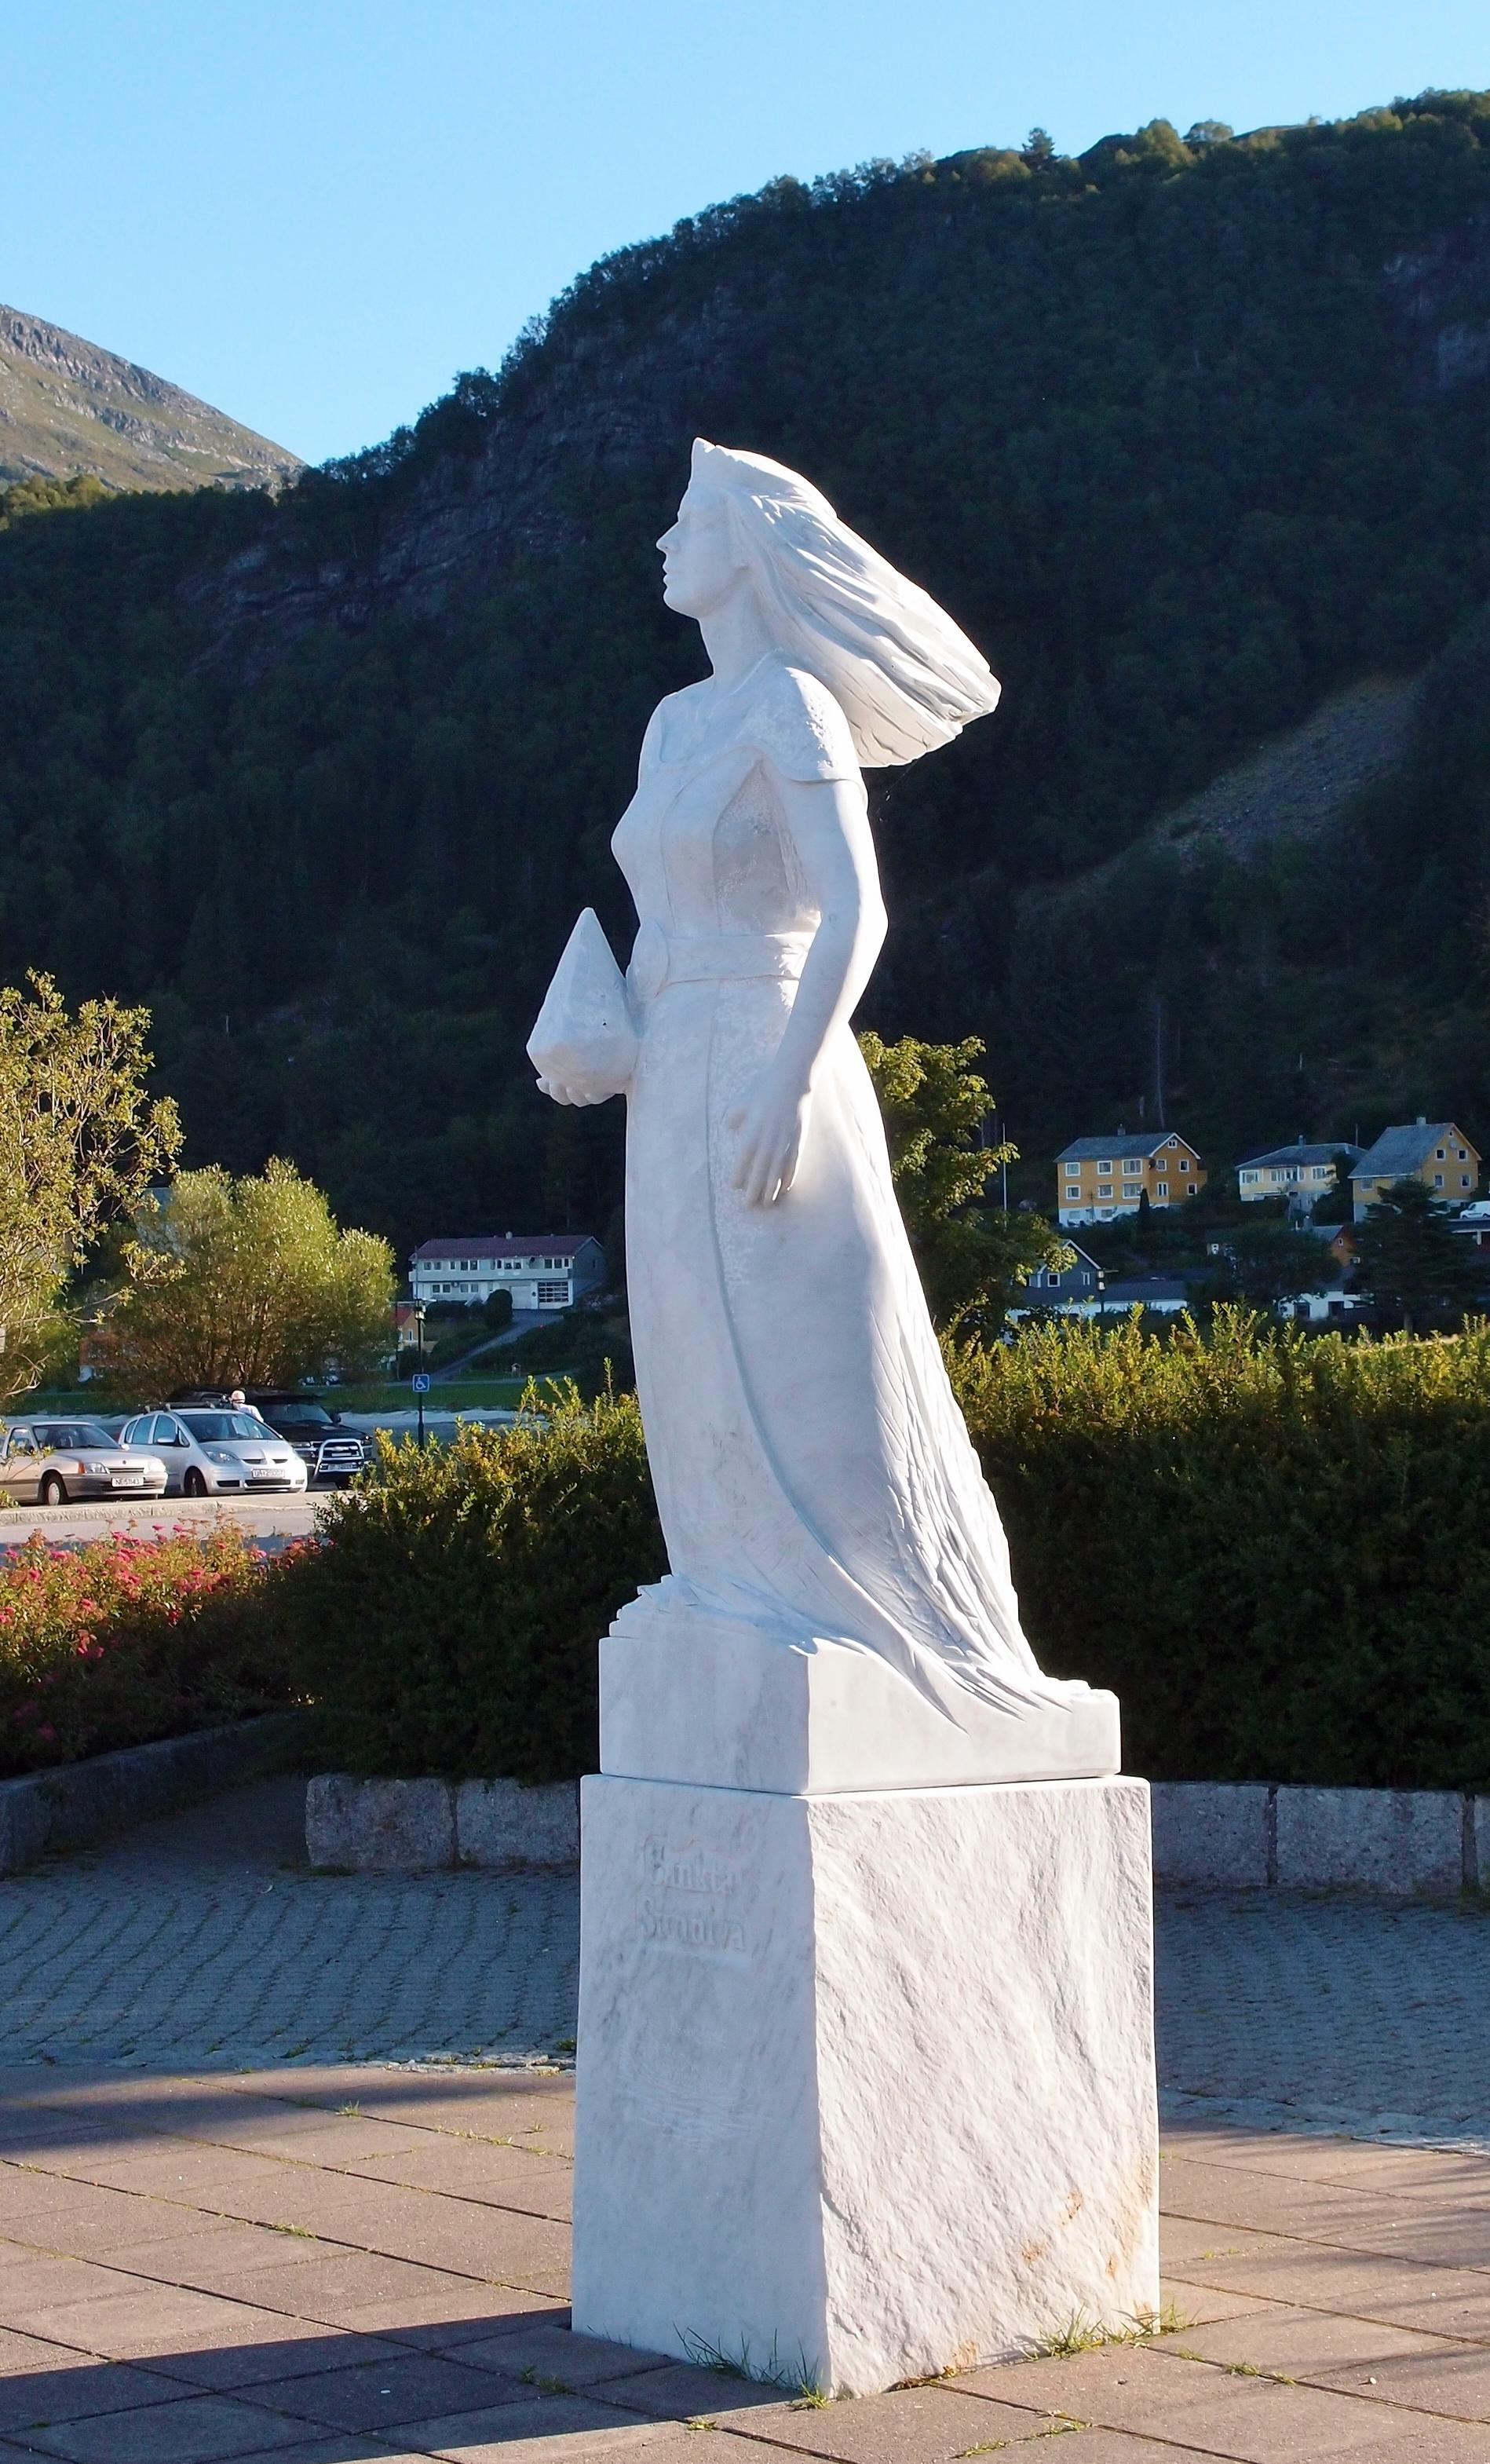 Den hellige Sunniva, marmorstatue av Arne Meland ved havnen i Selje i Vestland